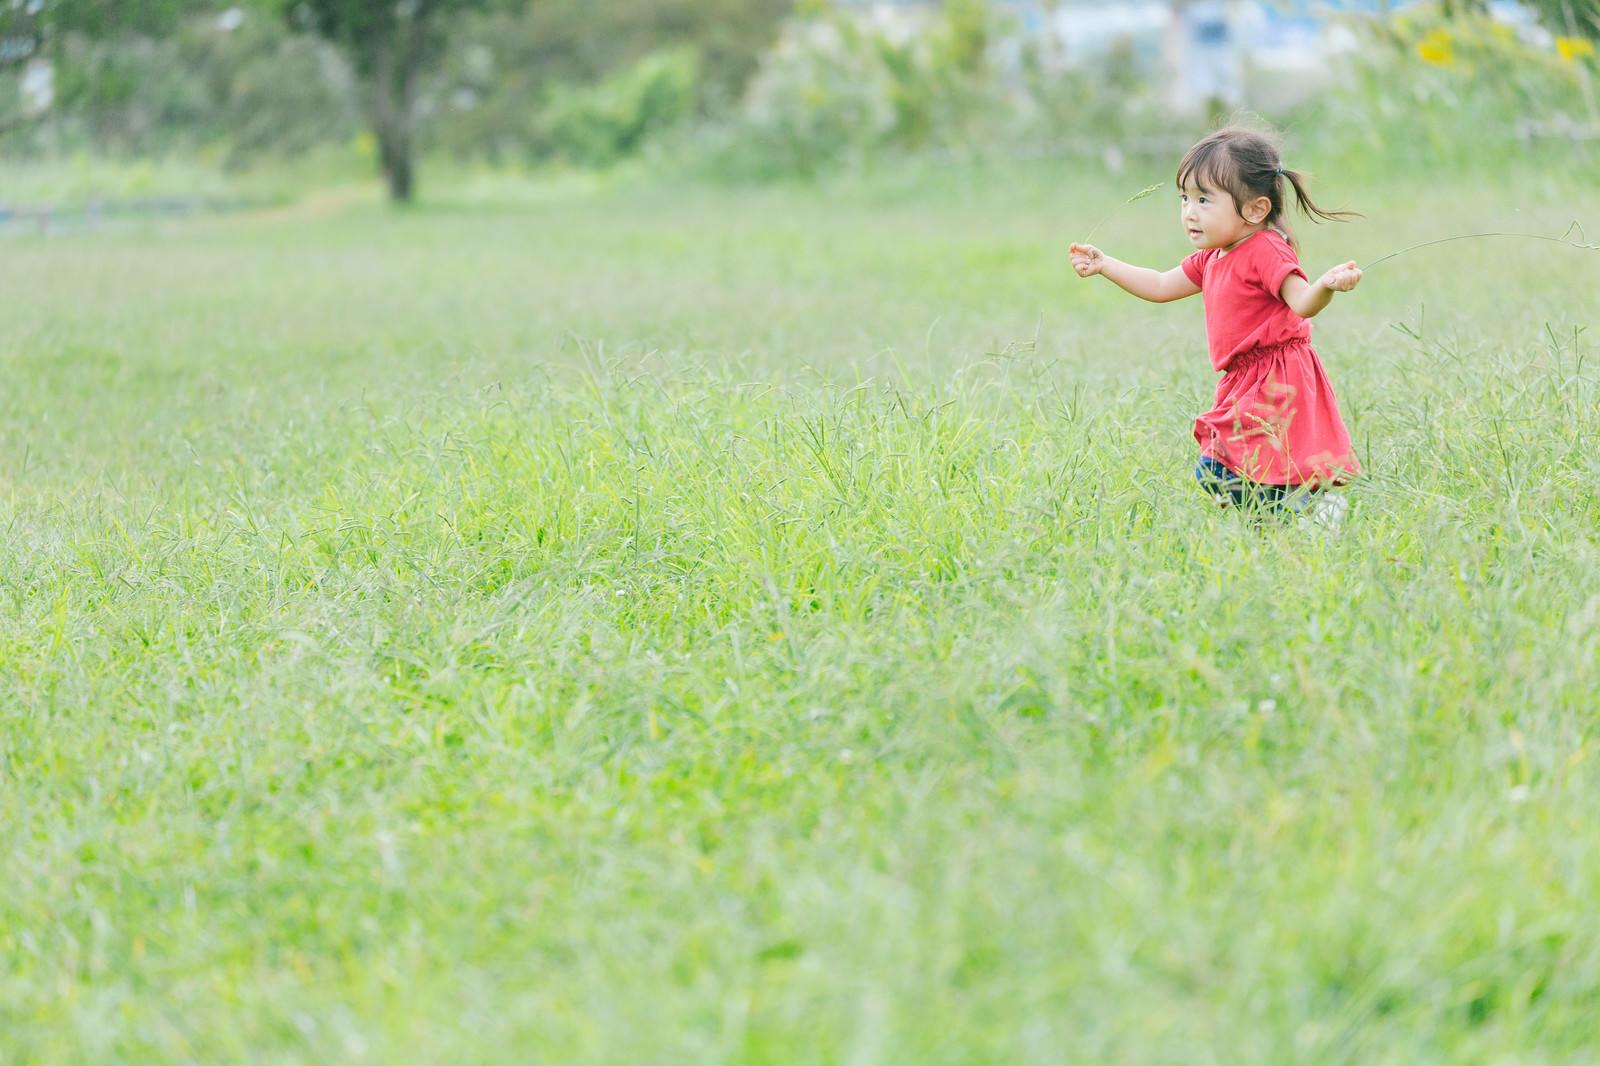 「原っぱを無邪気に走り回る小さい女の子」の写真